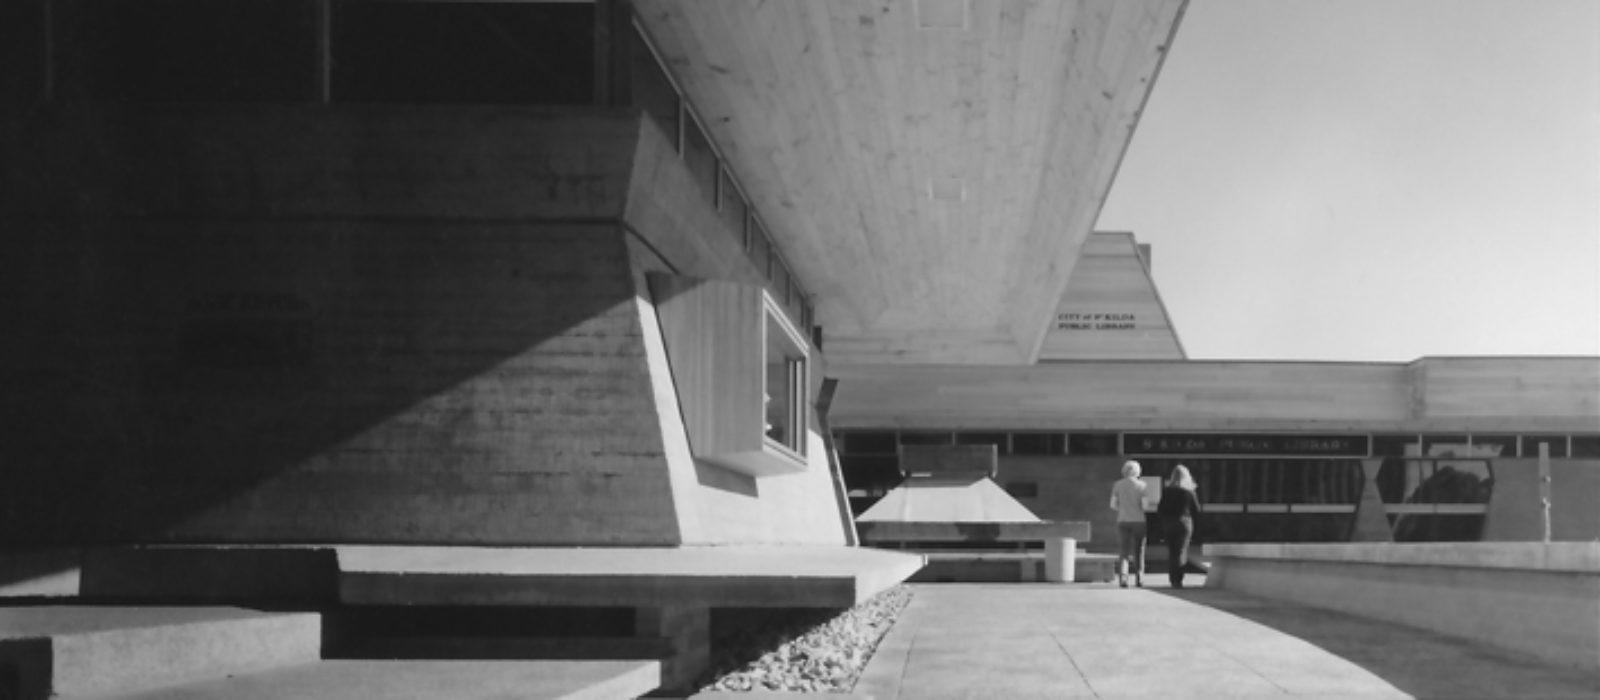 St Kilda Library c1971. Photo courtesy of Enrico Taglietti